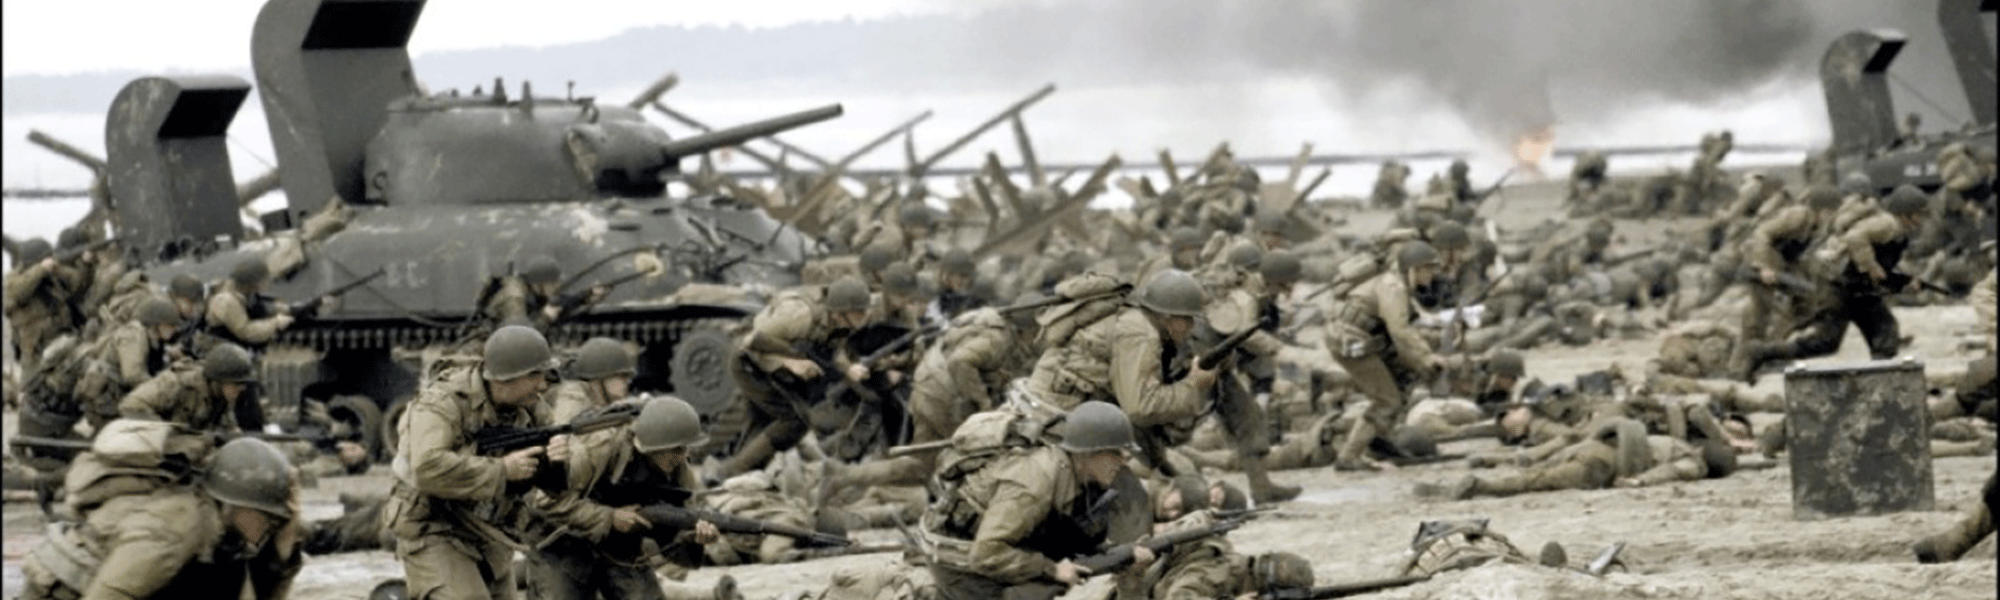 débarquement_6juin1944_plage_normandie_soldats_guerre